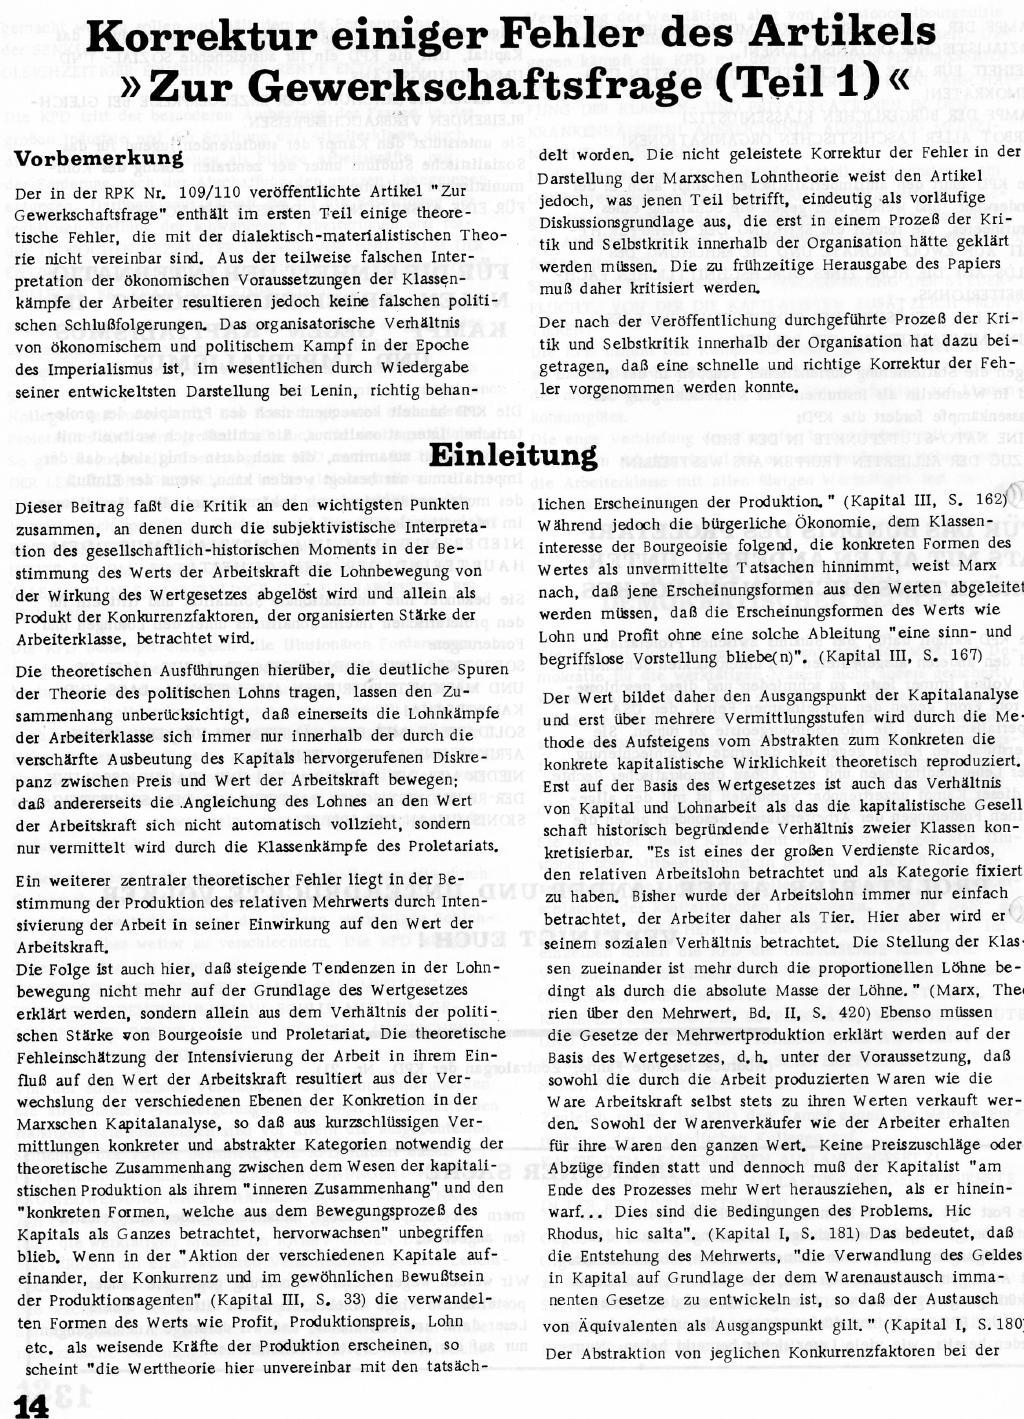 RPK_1971_126_127_14